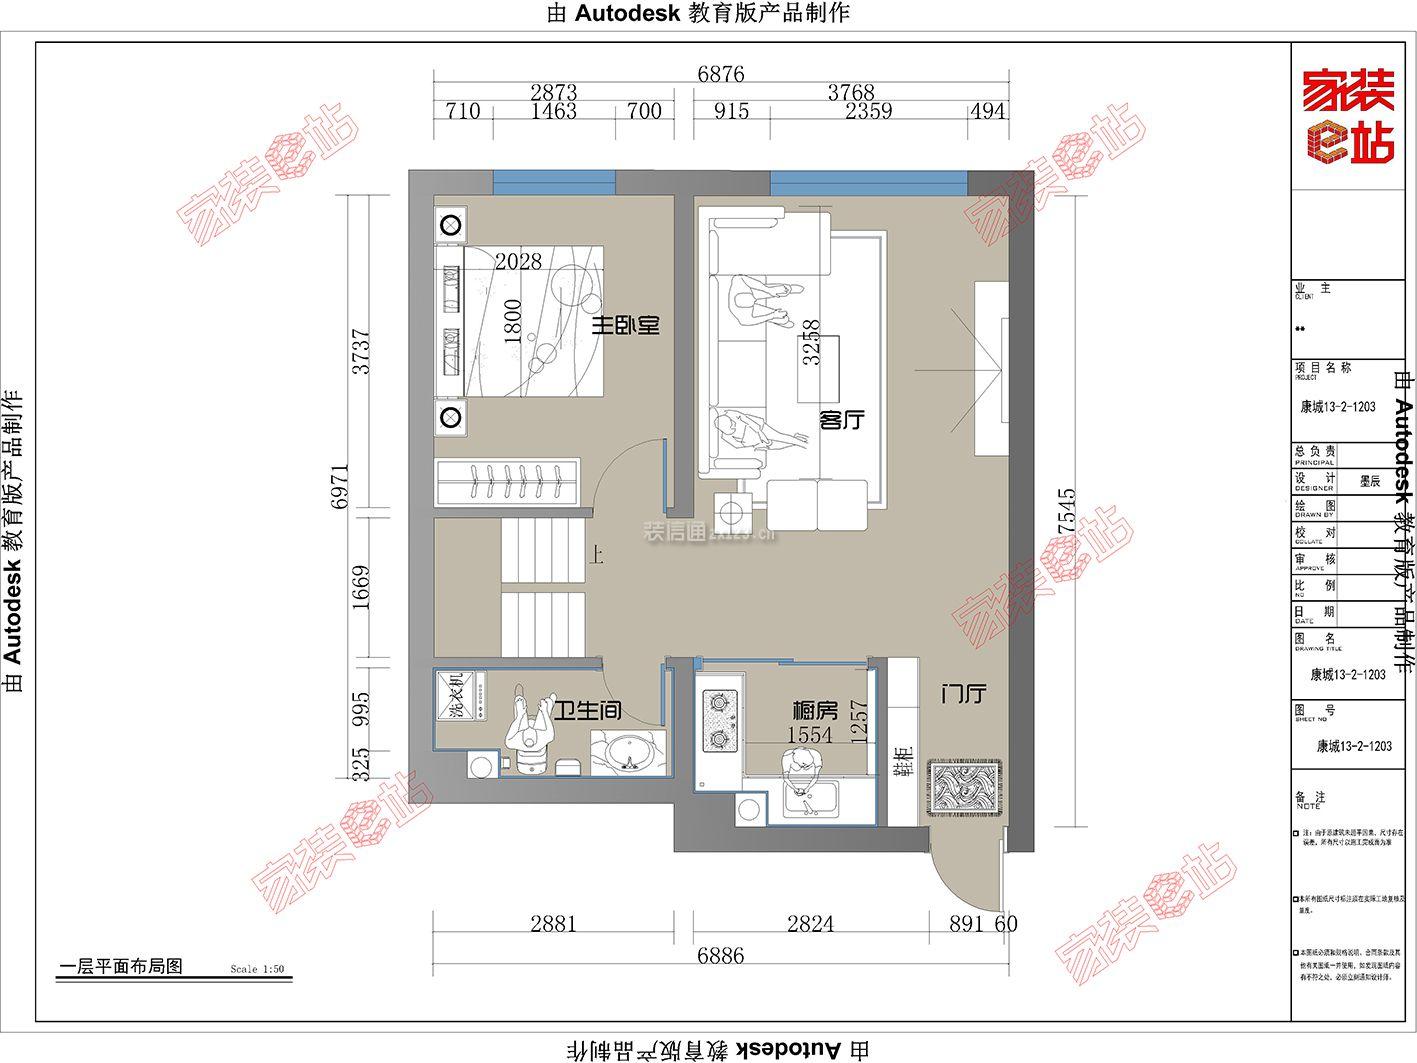 120平米复式楼户型设计图